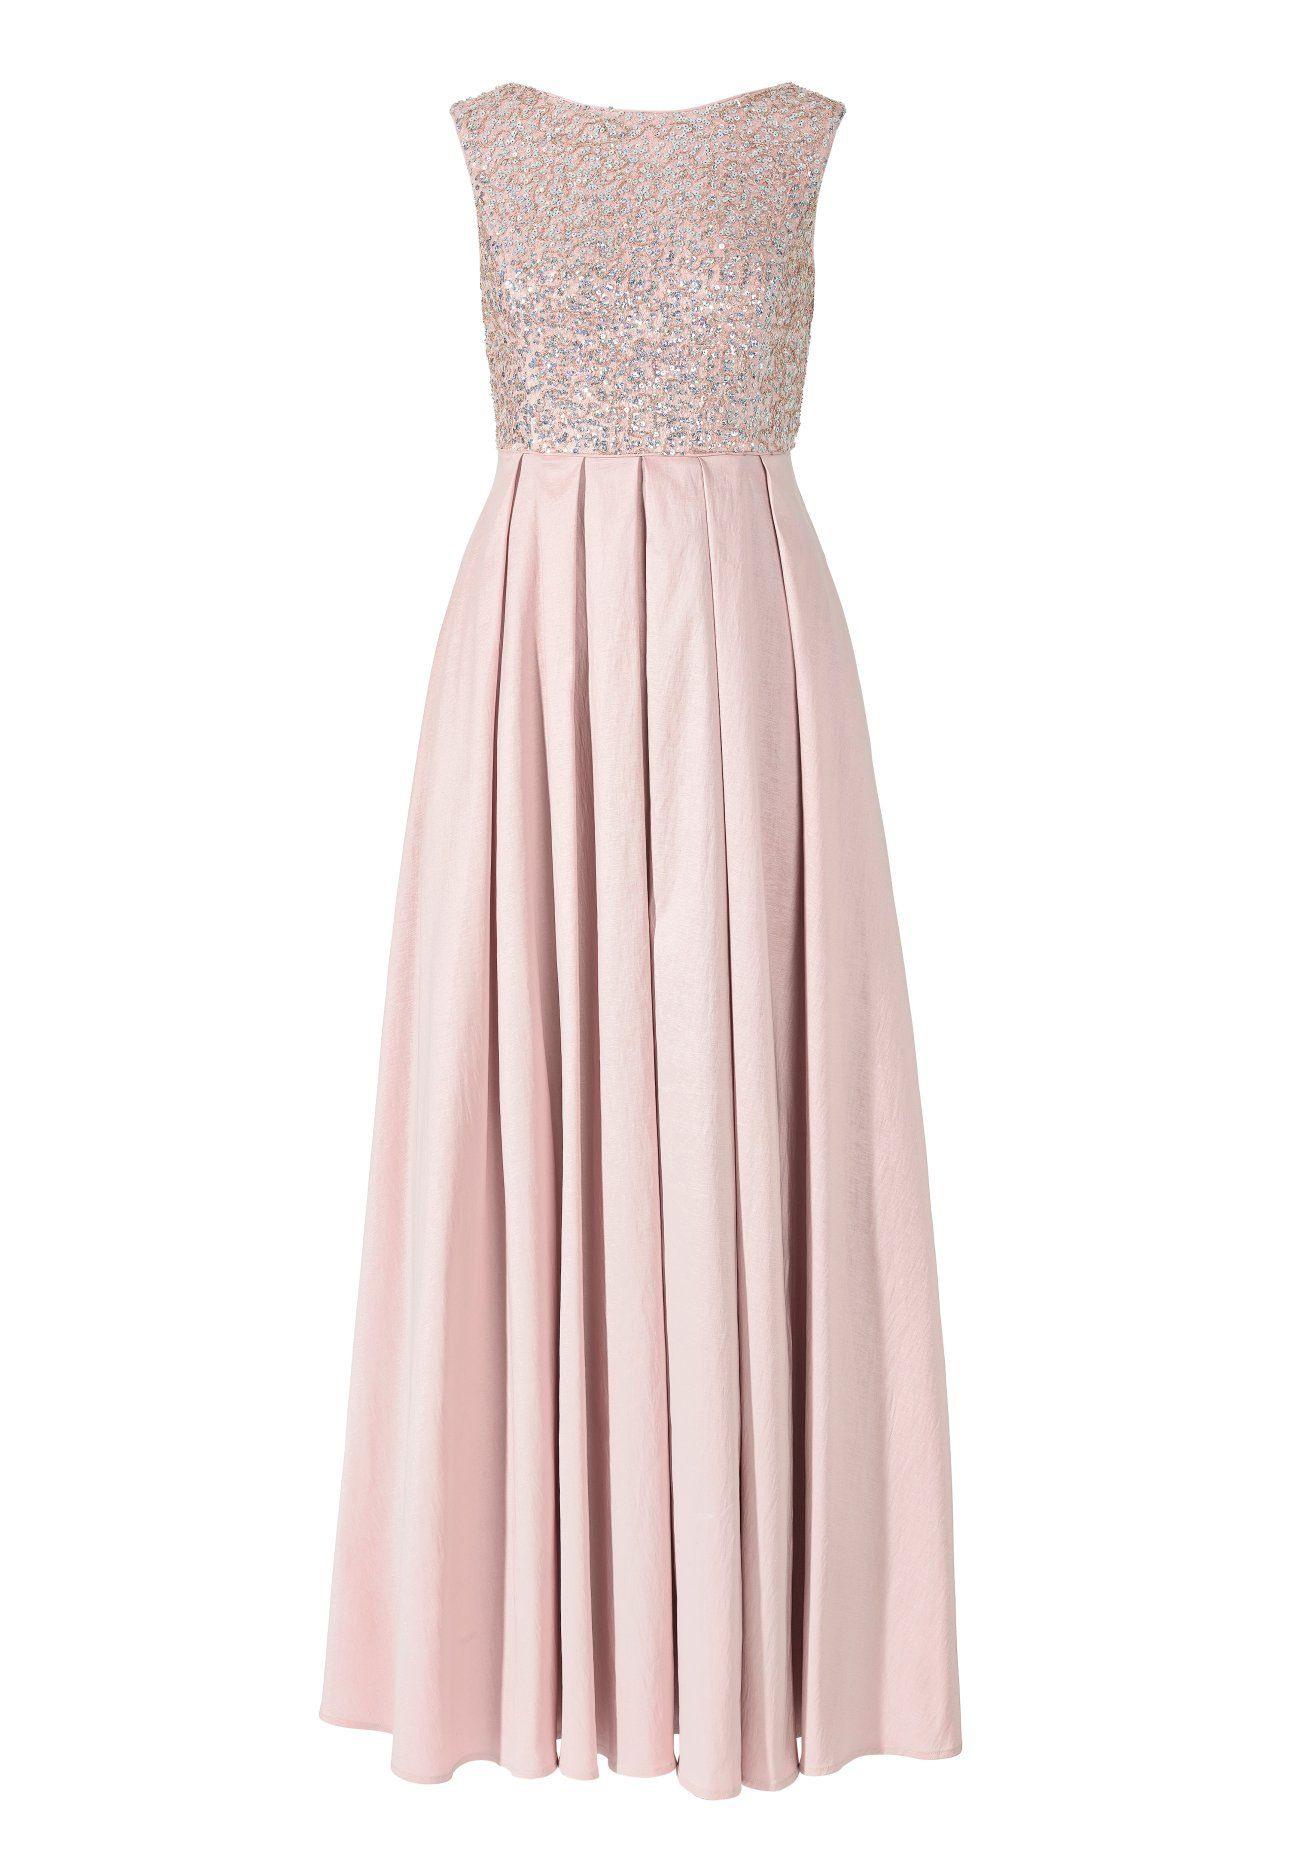 17 Schön U Abendkleid für 2019Abend Schön U Abendkleid Boutique